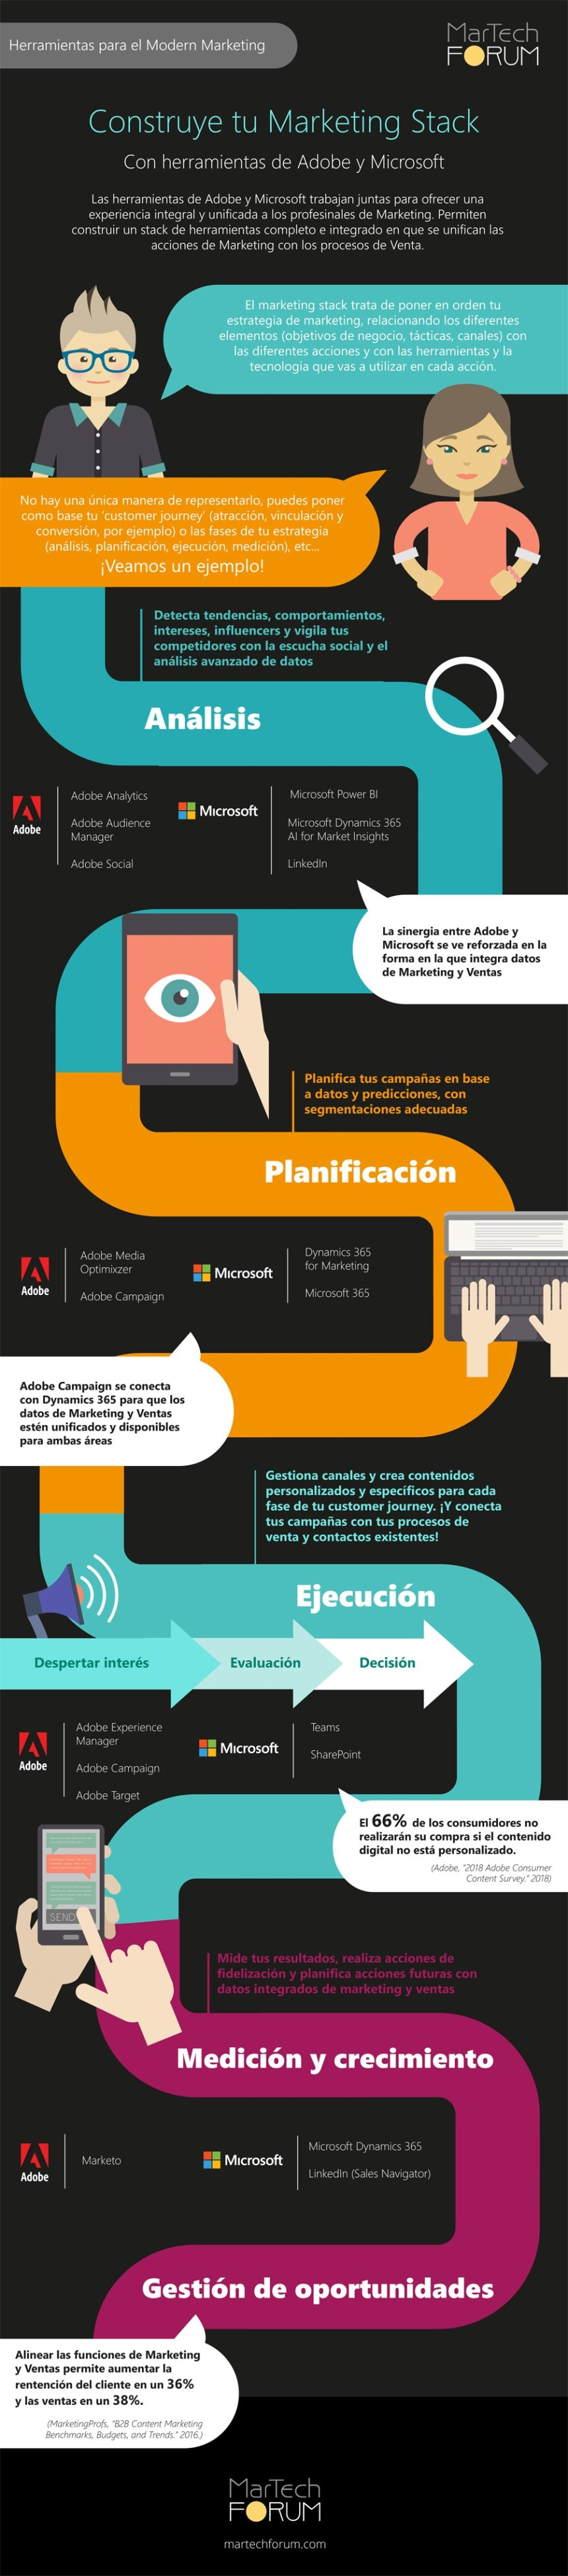 Construye tu Marketing Stack con herramientas de Adobe y Microsoft